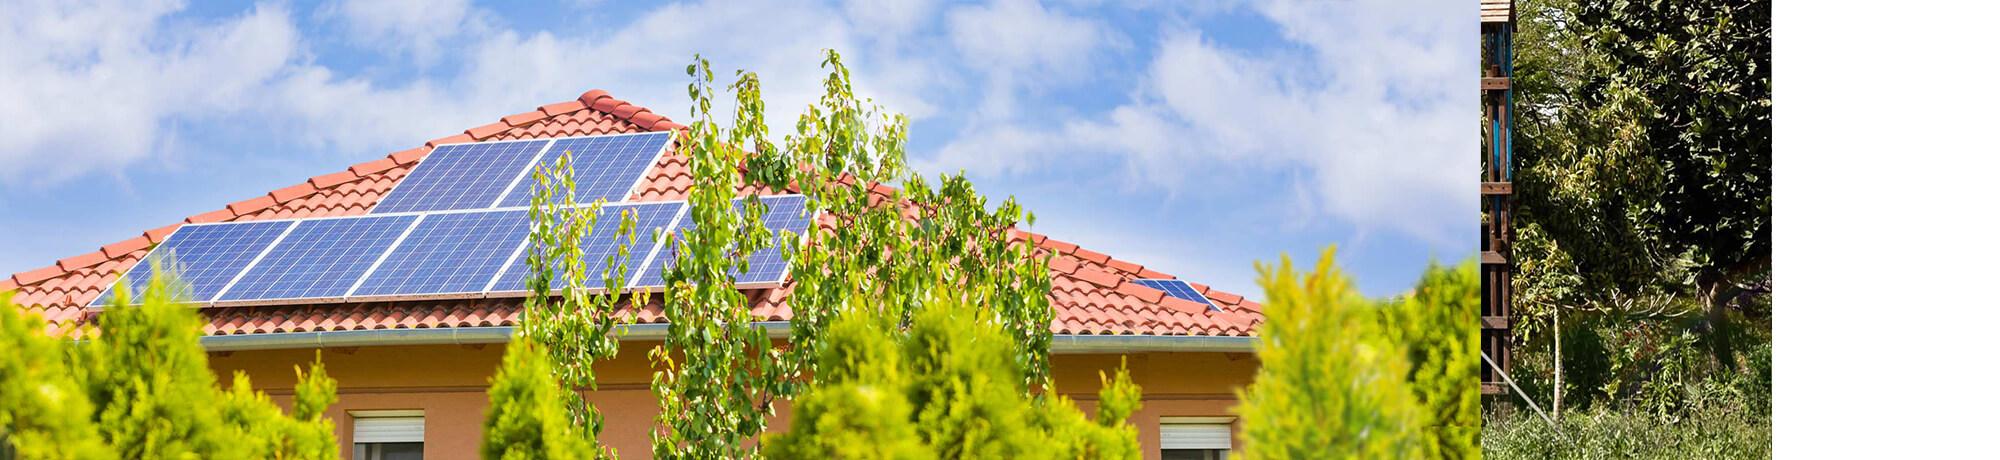 איך מתחילים עם מערכת SolarEdge